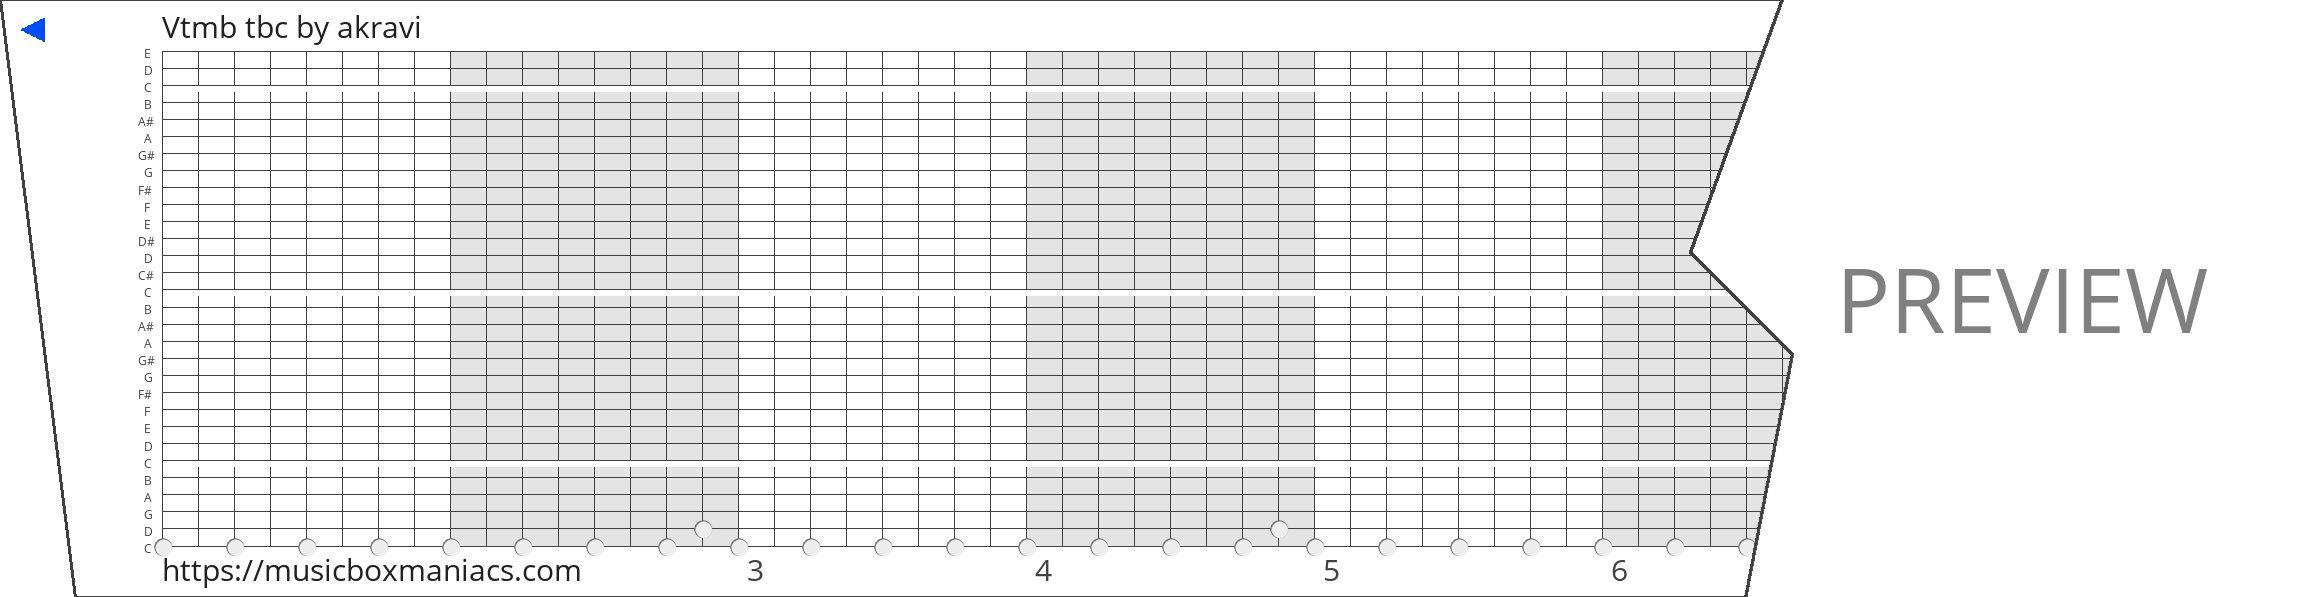 Vtmb tbc 30 note music box paper strip